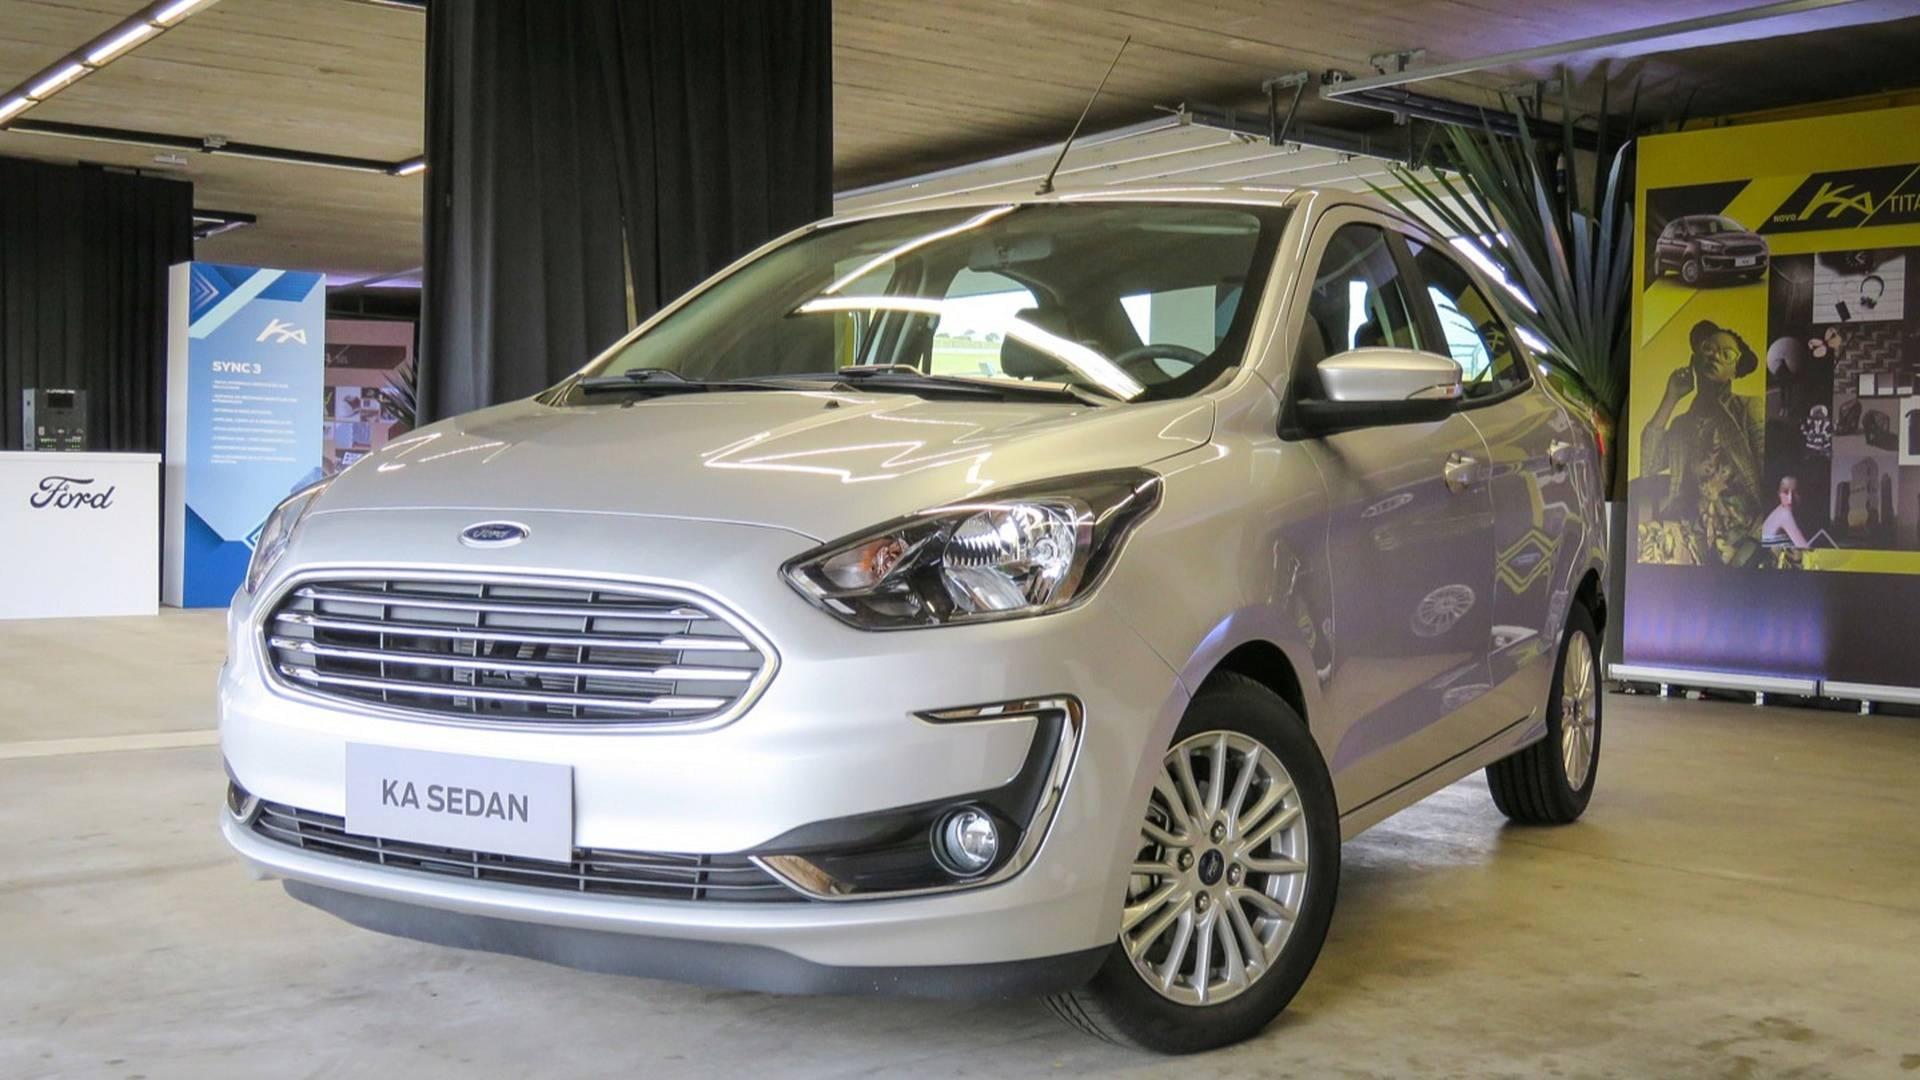 Foto do carro Ford Ka Sedan ilustrando o texto Descubra os 10 carros mais econômicos do Brasil em 2020